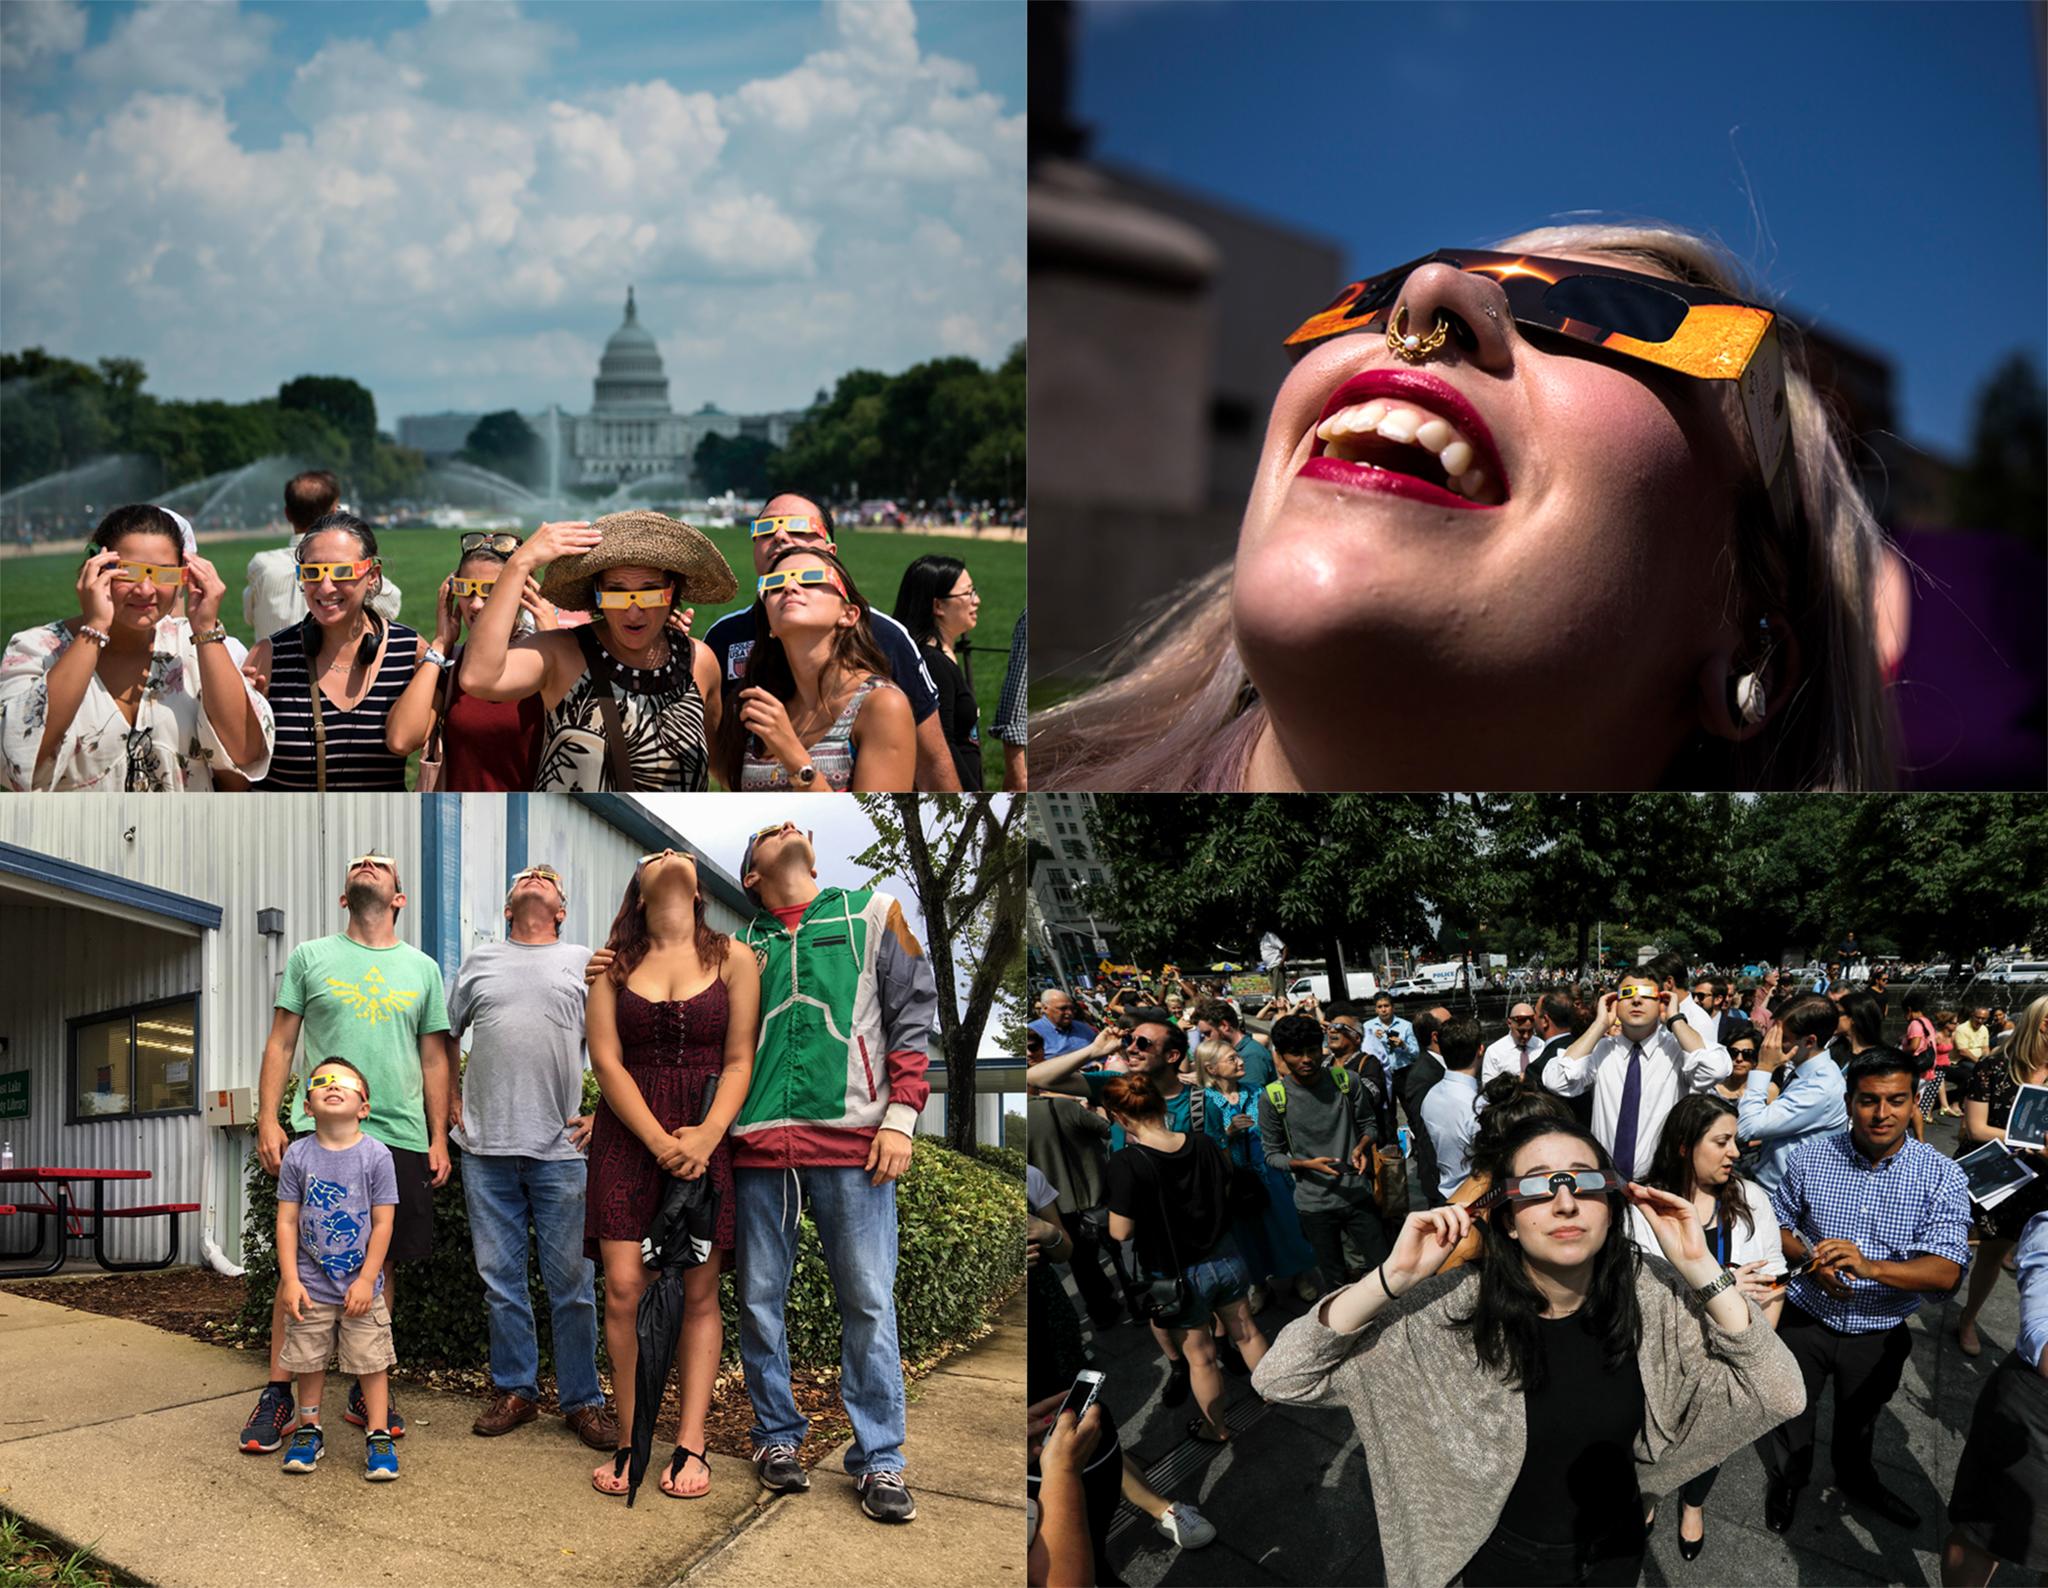 خاص قسم کے چشمے پہنے ہوئے لوگوں کی چار مختلف تصاویر: (© Brendan Smialowski/Getty) ؛ (© Derek